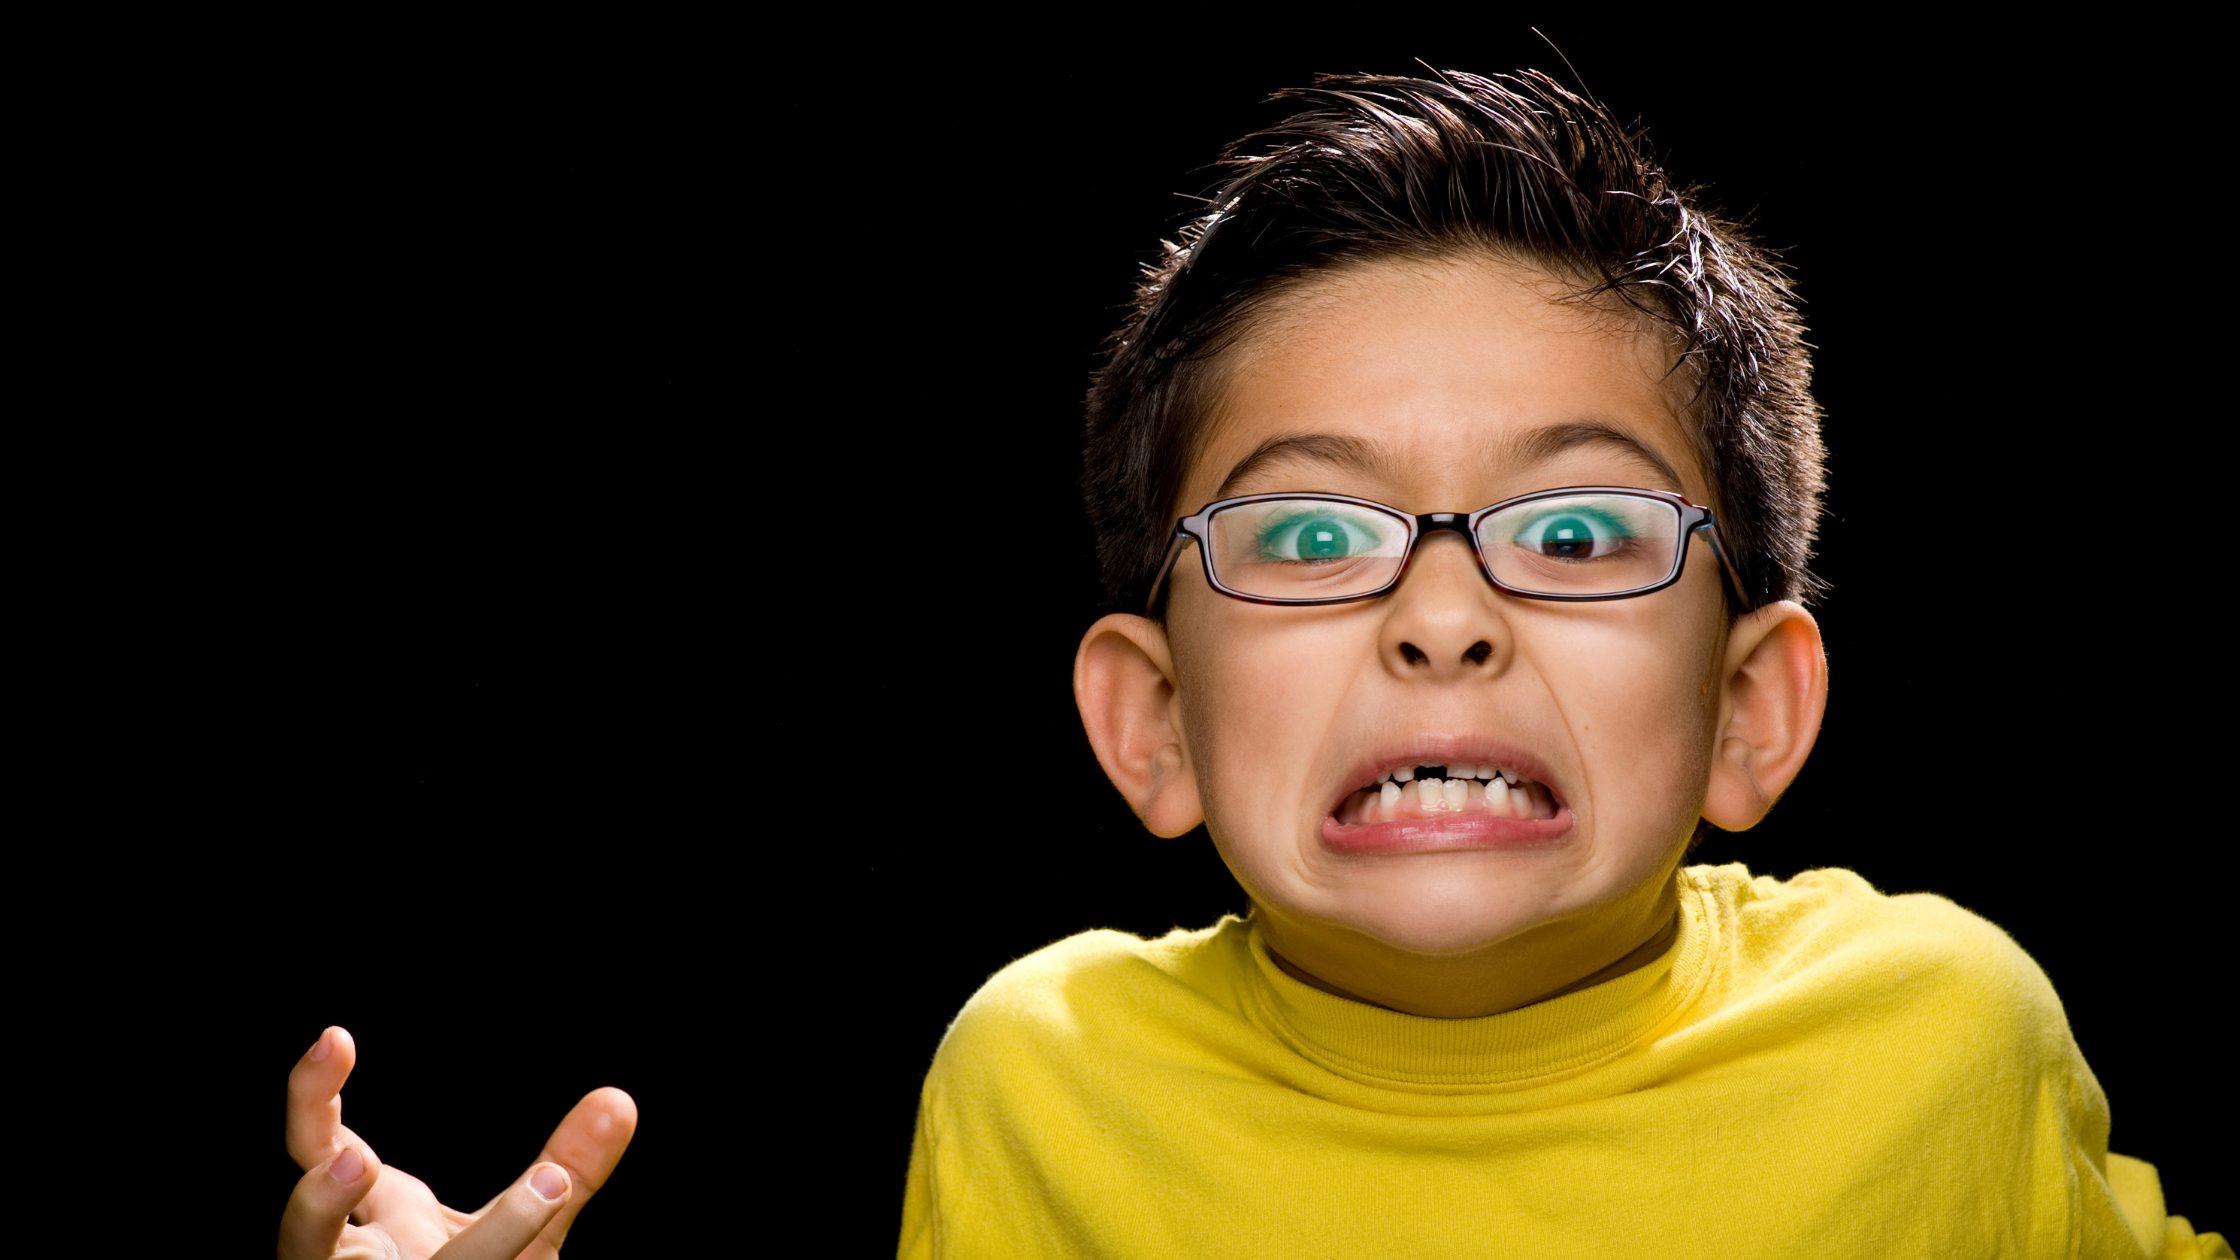 Como ajudar meu filho a lidar com a frustração? Um pequeno guia de educação emocional.